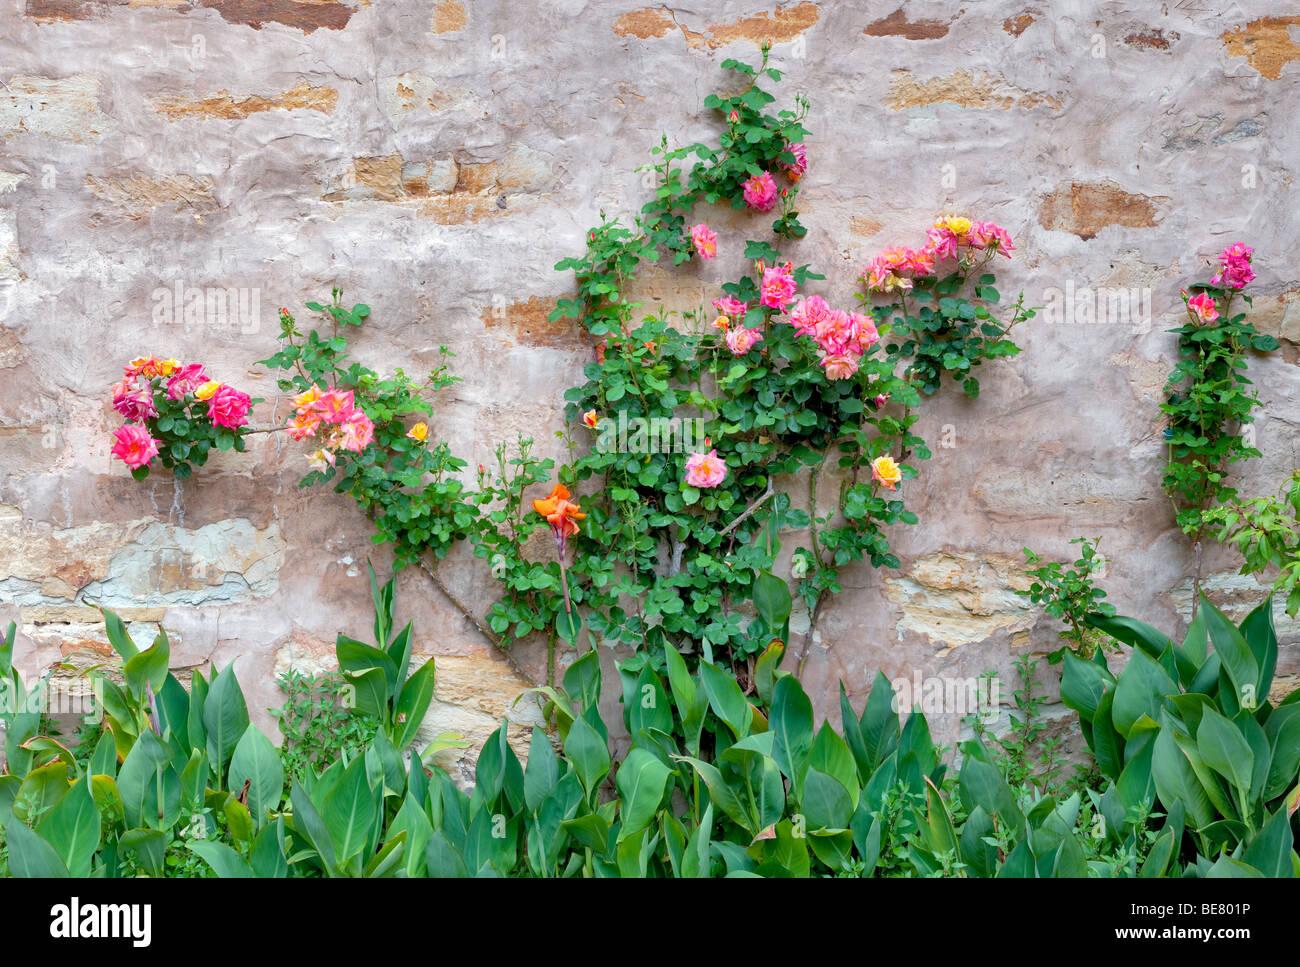 Jardins de roses à la Mission de Carmel. Carmel by the Sea, en Californie. Photo Stock